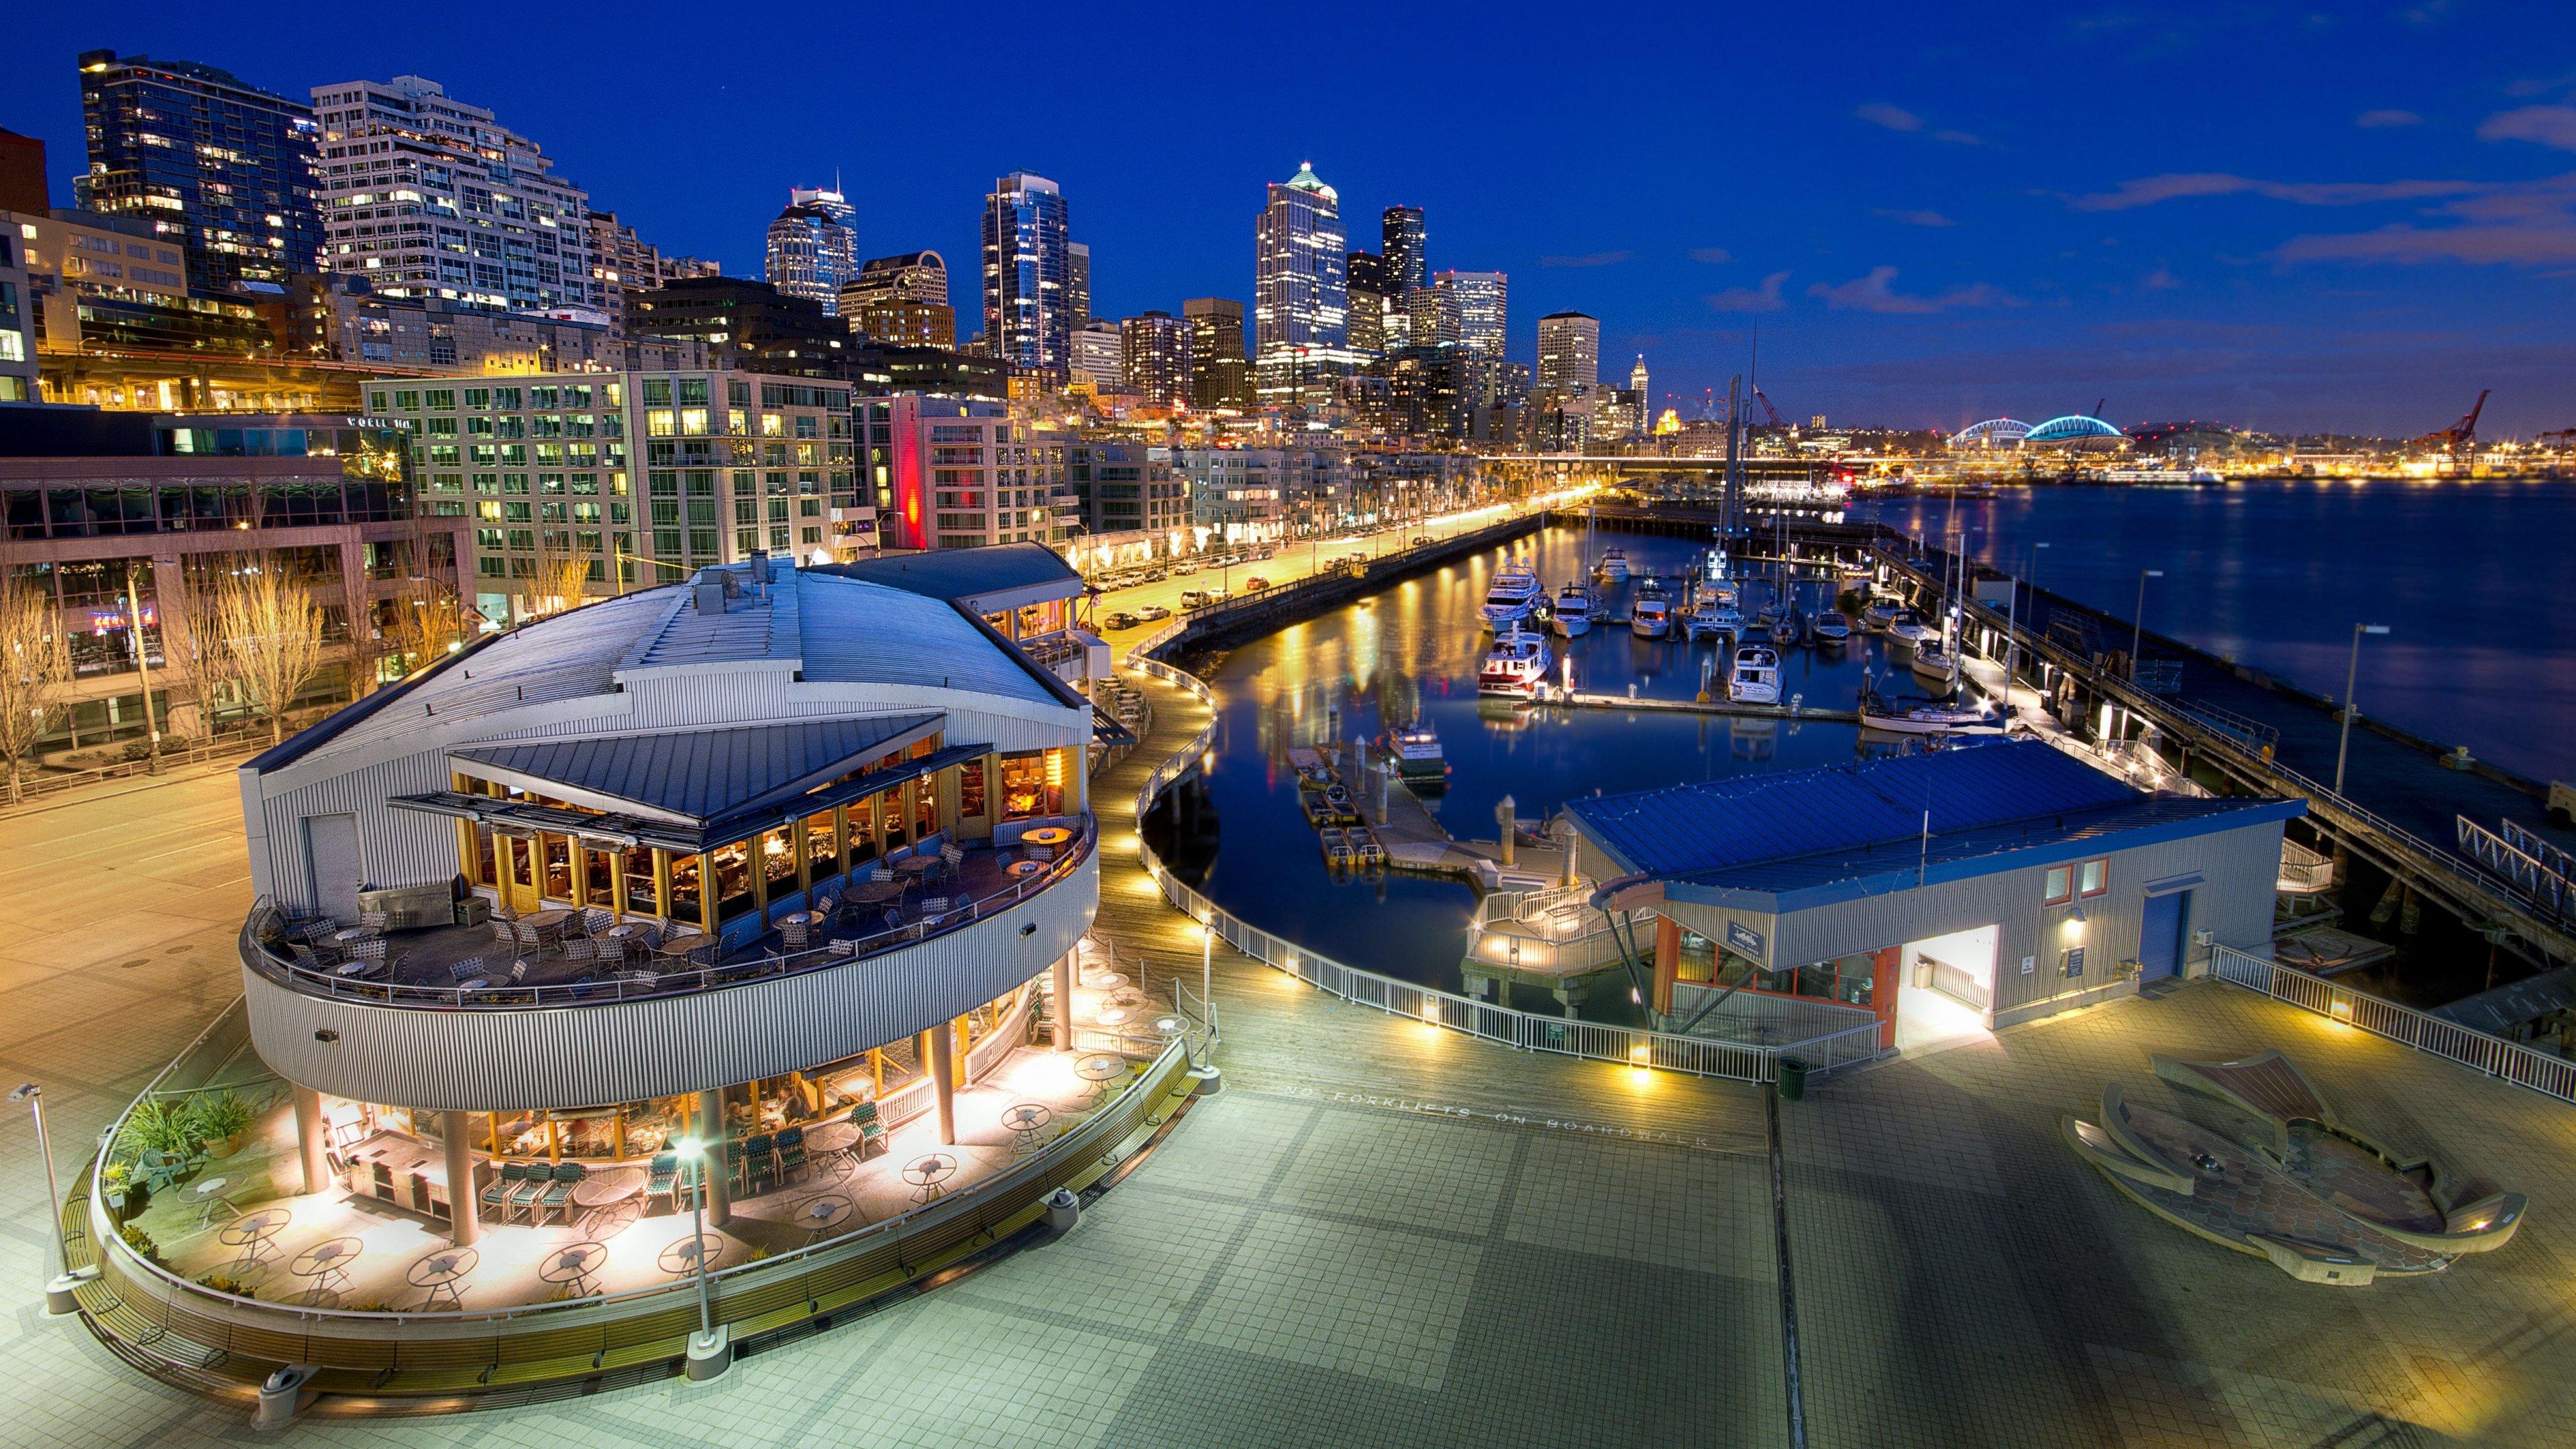 Ultra HD Wallpaper 38402160 seattle promenade pier night city 3840x2160